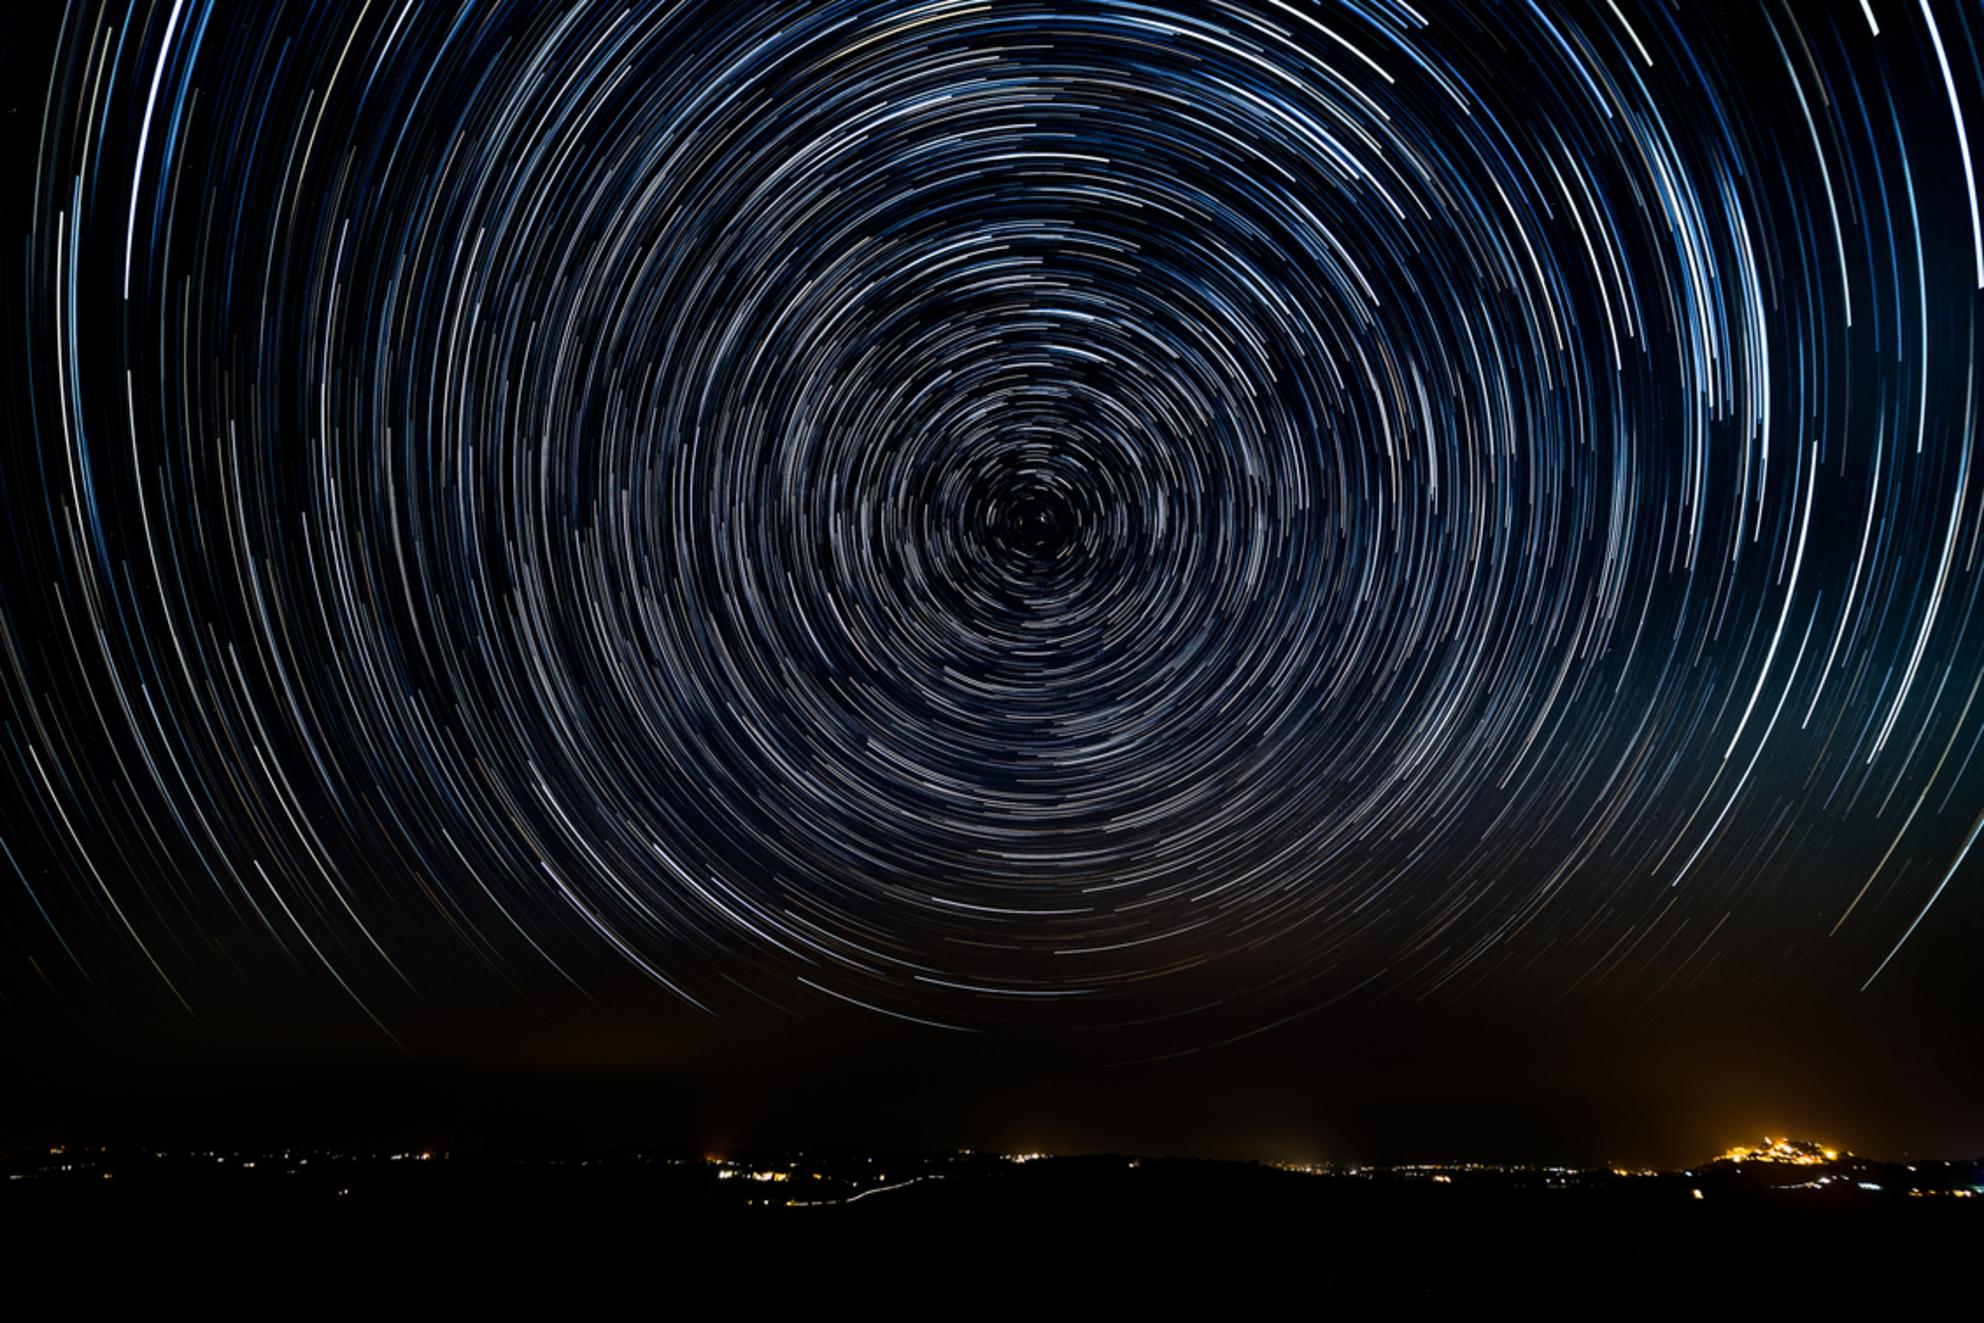 Startrail Montepulciano - Een samenvoeging van circa 175 foto's van de nachtelijke hemel van Toscane. De foto's heb ik gemaakt met een sluitertijd van 30 seconden. Daarna heb  - foto door Texelrob op 22-09-2017 - deze foto bevat: nacht, nachtfotografie, toscane, sterren, montepulciano, sterrenspoor, stacking, startrail, lange sluitertijd